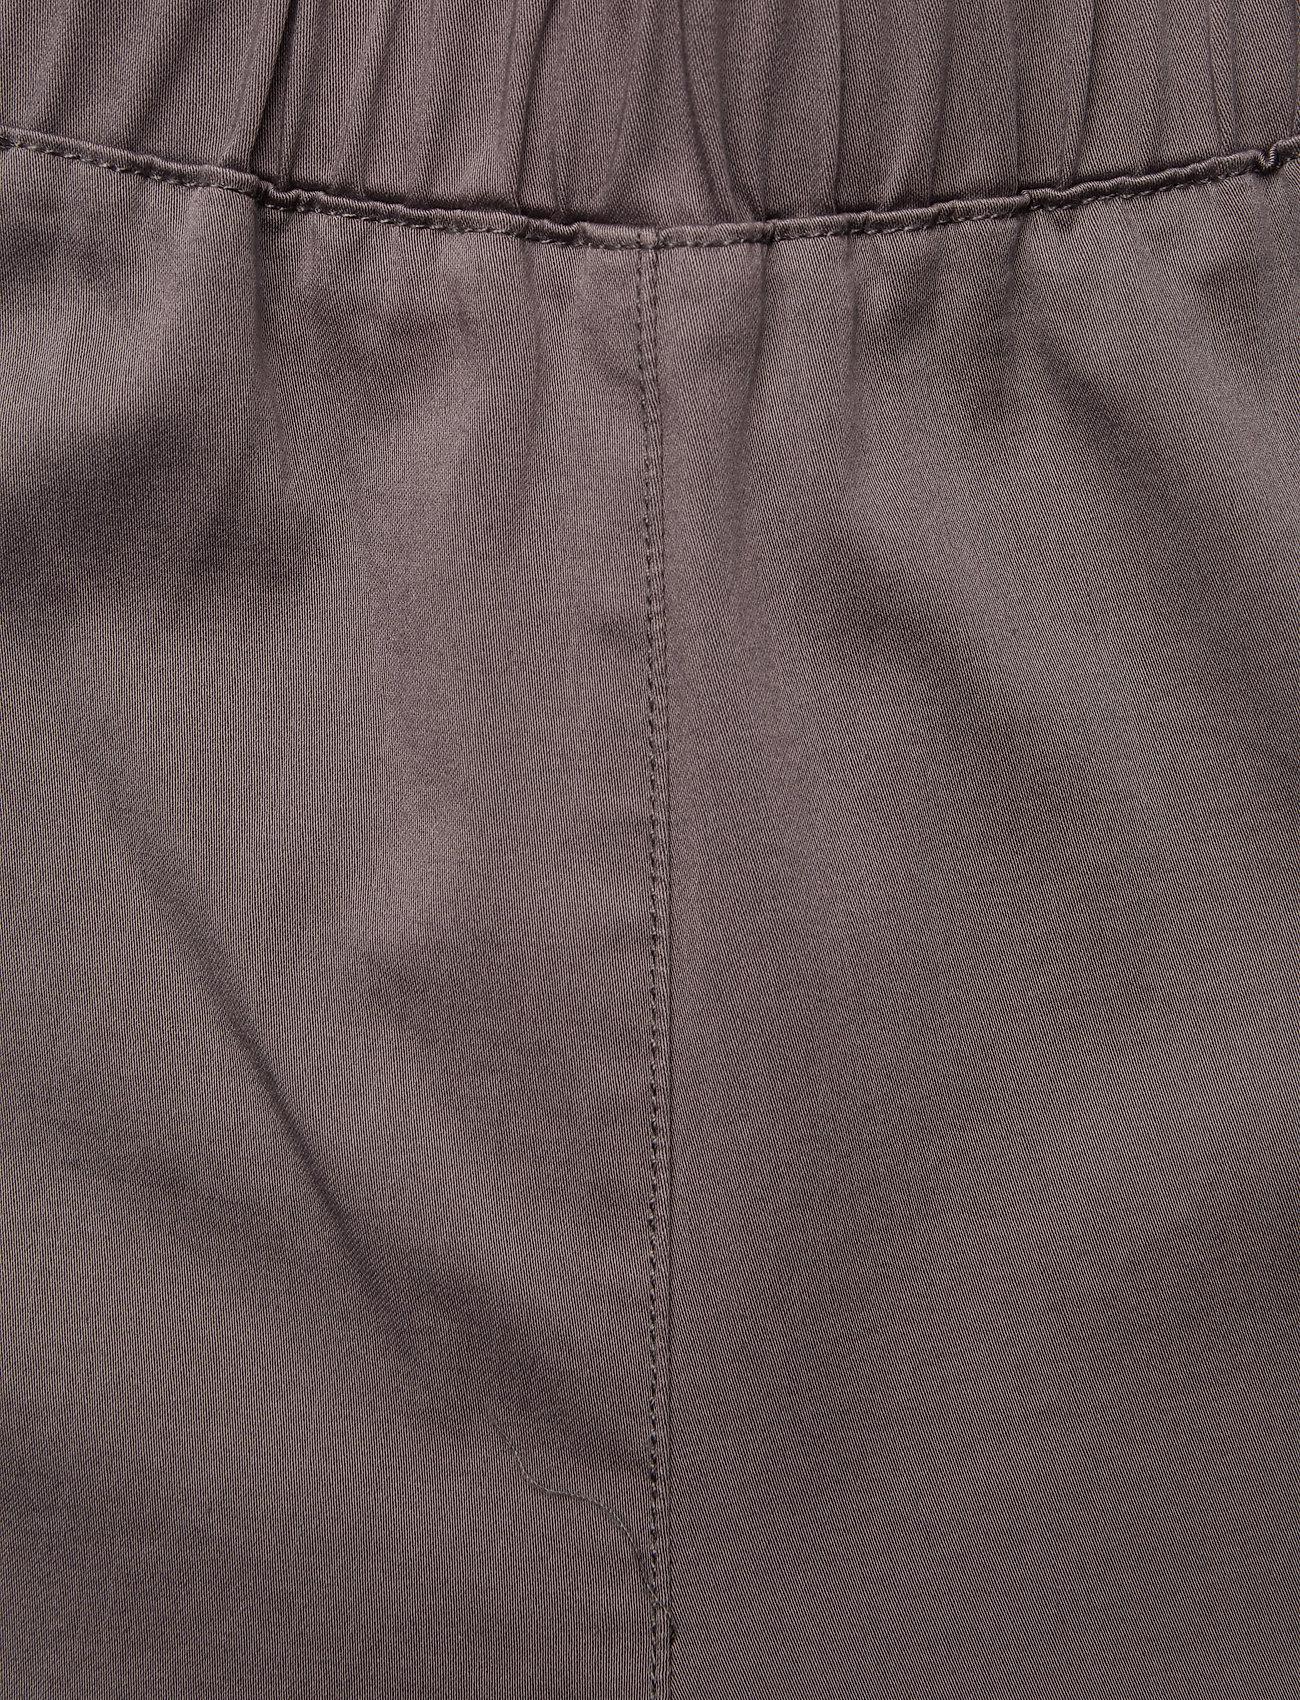 BasiczinkMasai Trousers Trousers BasiczinkMasai Ew Trousers Primitiva Primitiva Ew Primitiva Ew tdrhCsQ